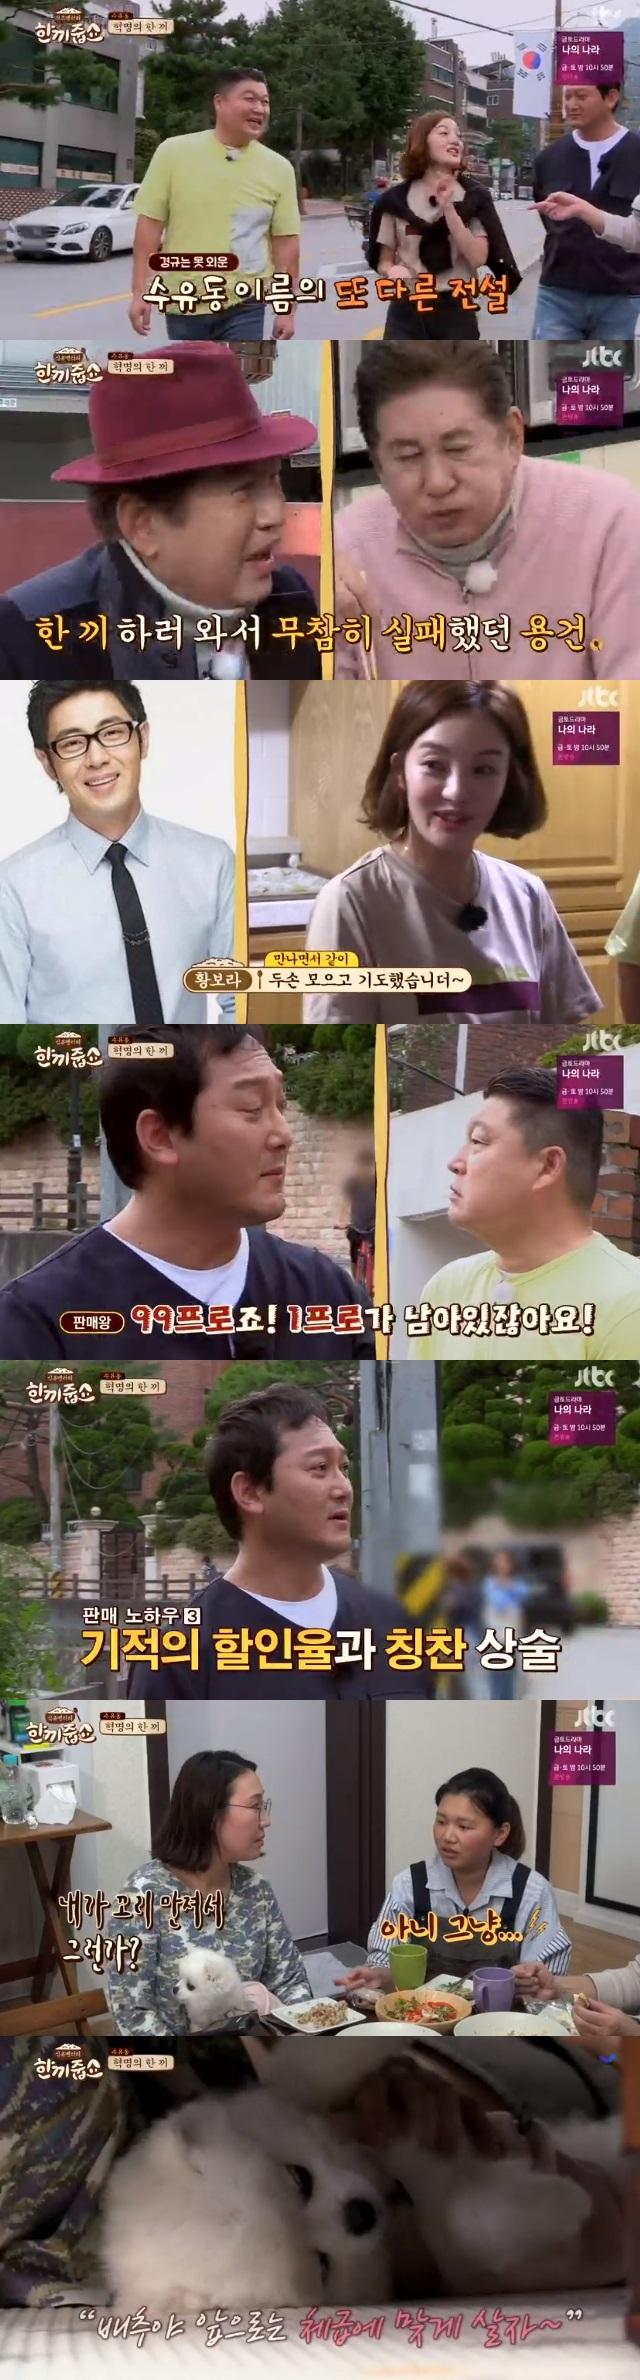 JTBC '한끼줍쇼' 캡처